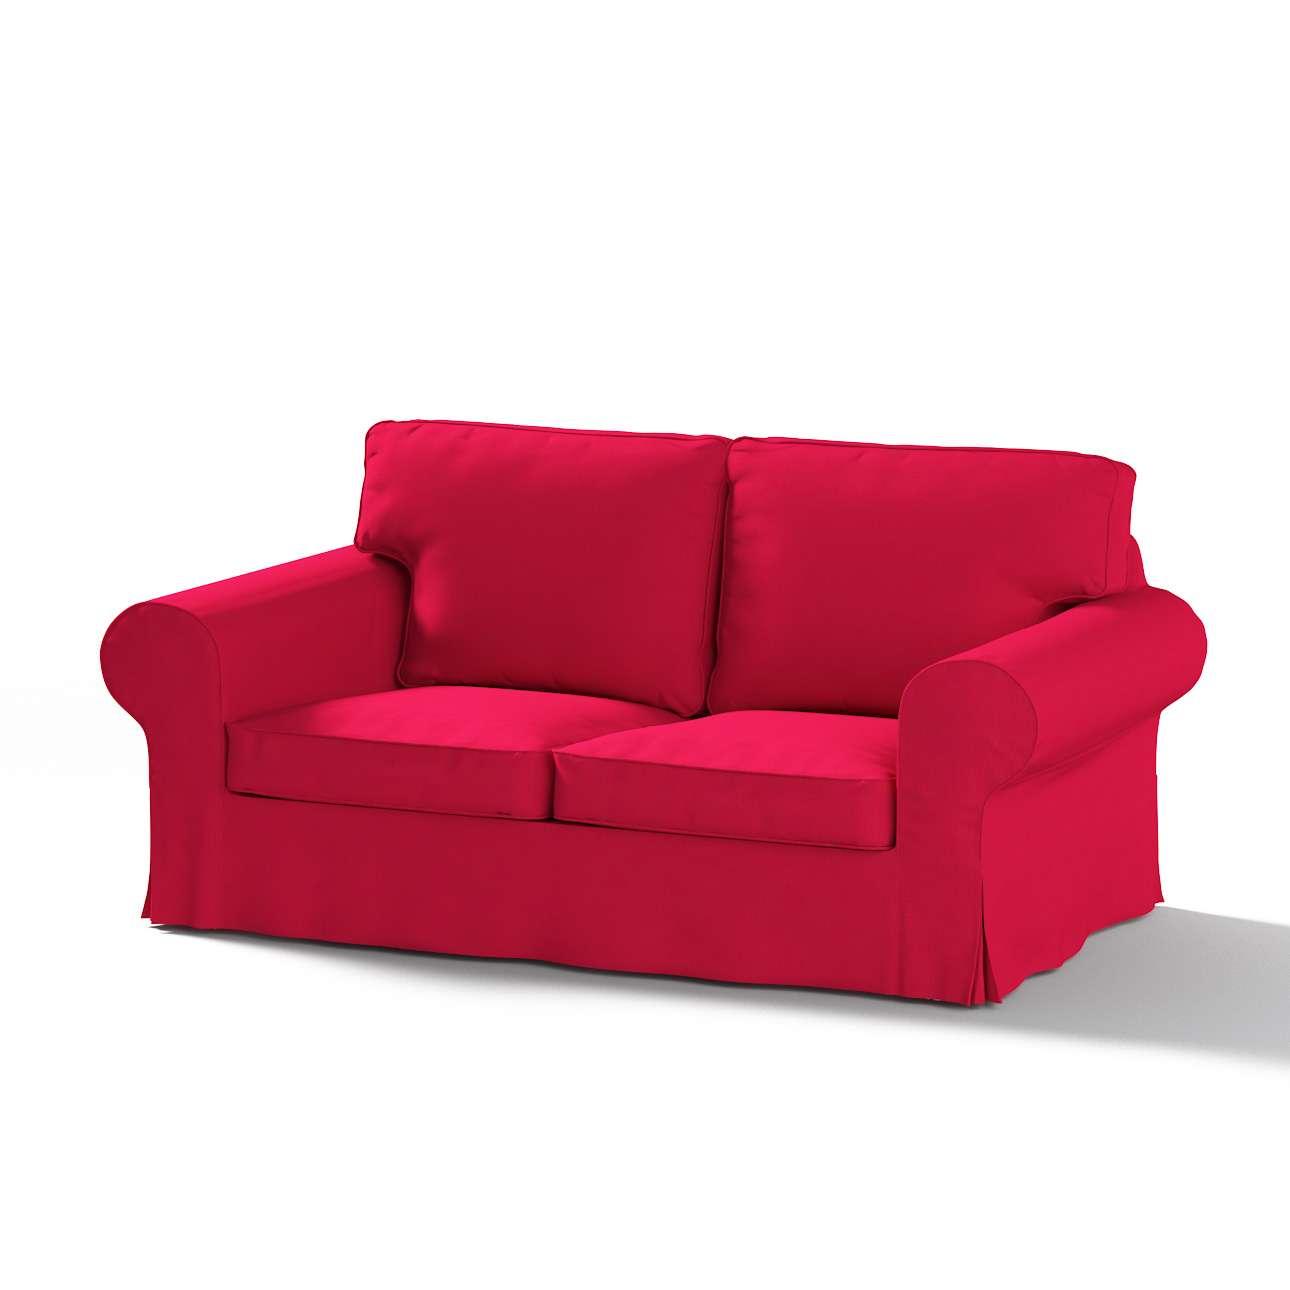 Pokrowiec na sofę Ektorp 2-osobową, rozkładaną, model do 2012 w kolekcji Etna, tkanina: 705-60